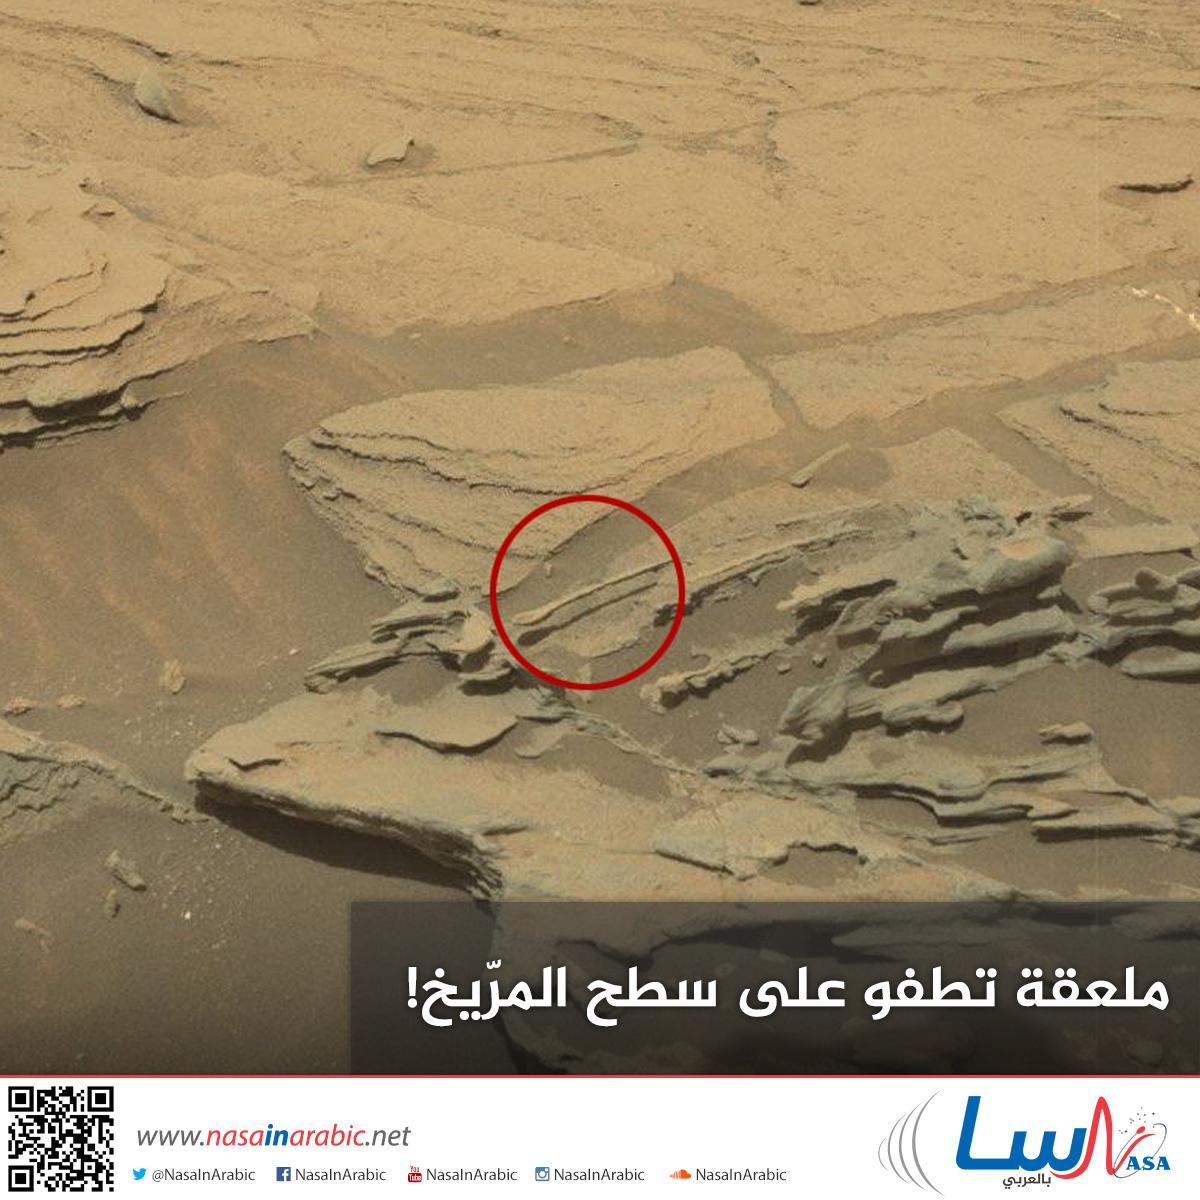 ملعقة تطفو على سطح المرّيخ!